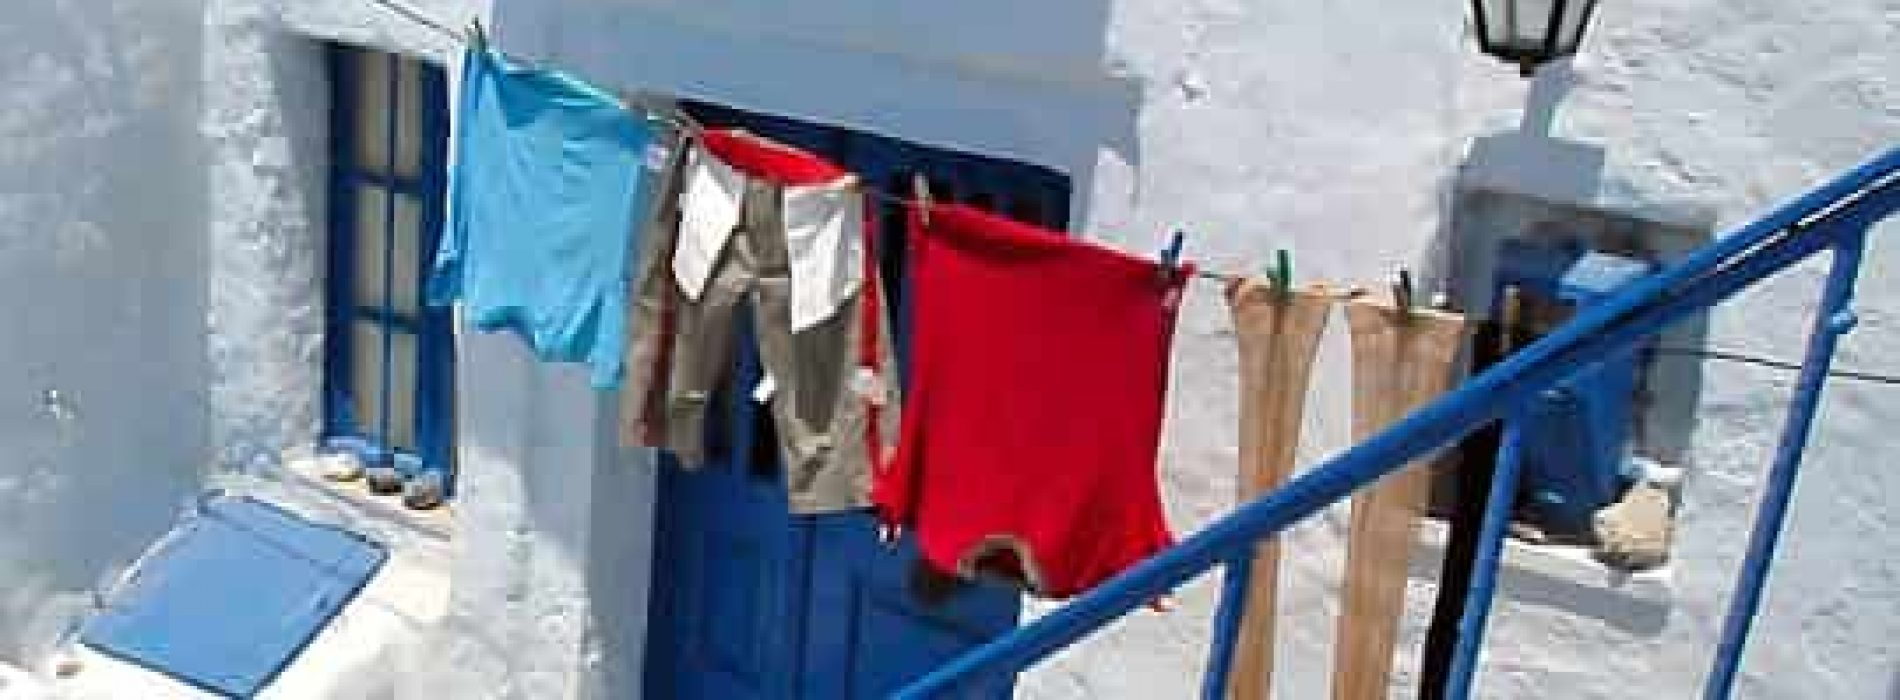 Hvilke klær skal ikke i tørketrommelen?